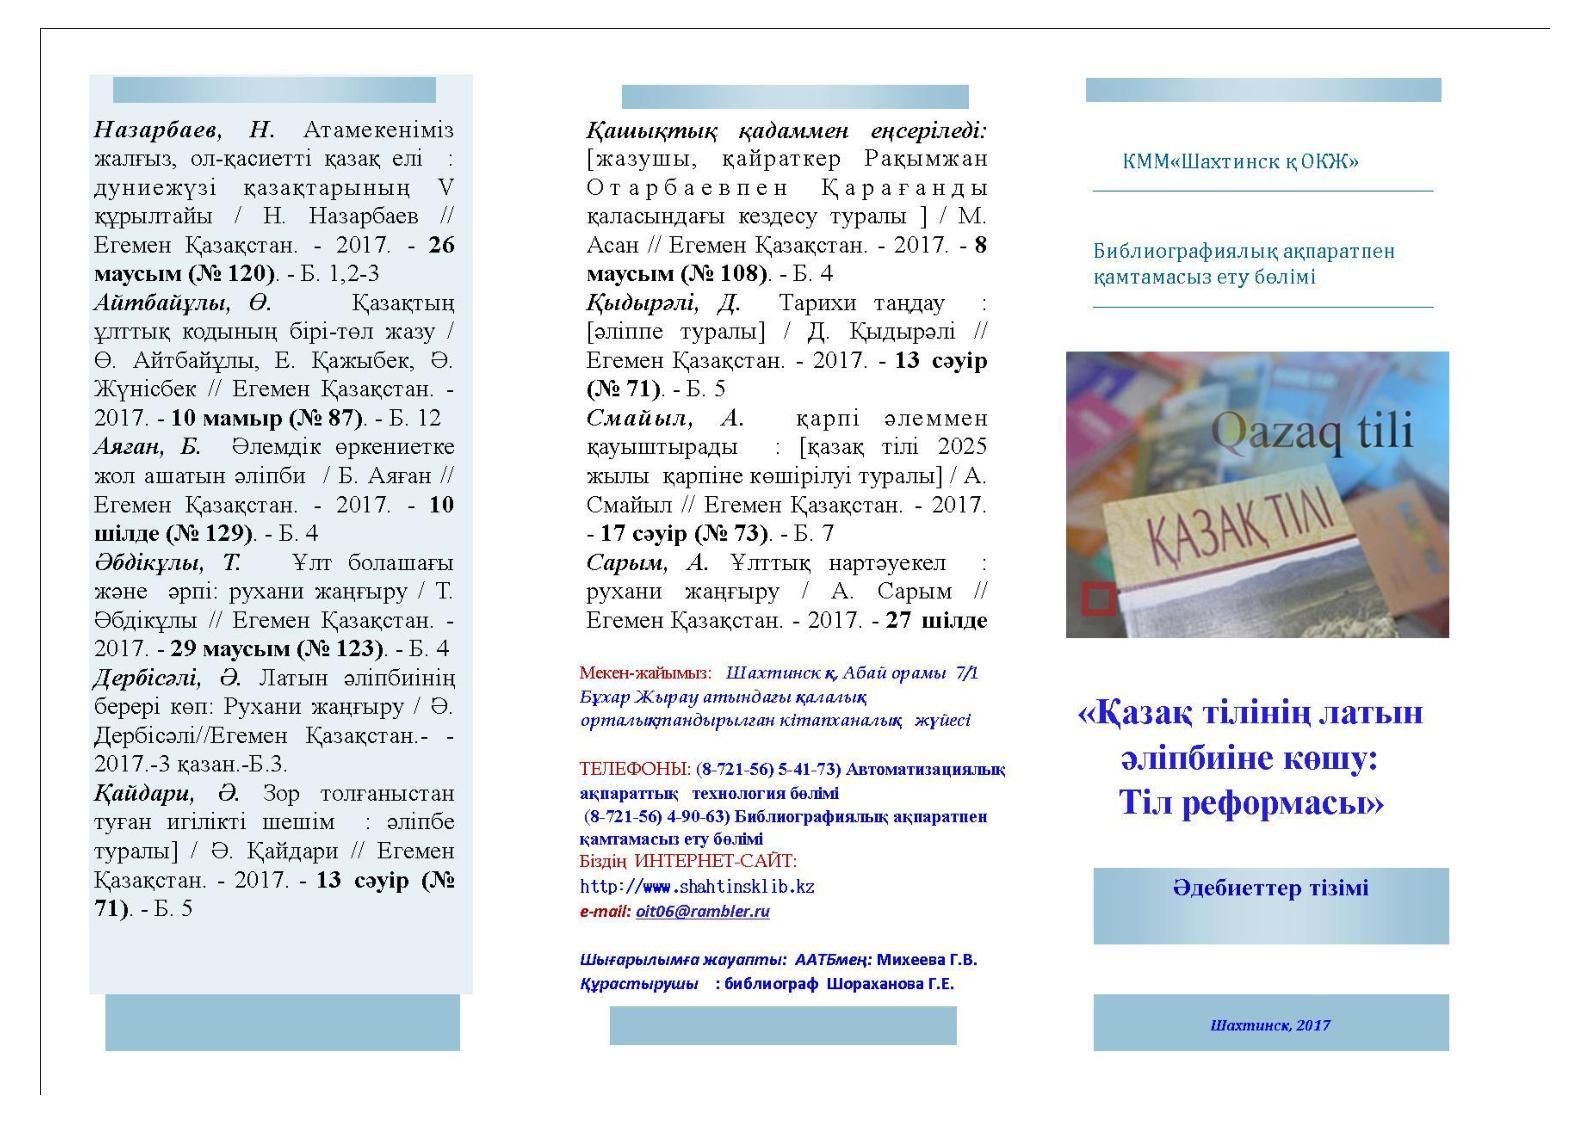 «Қазақ тілінің латын әліпбиіне көшу :  Тіл реформасы»  әдебиеттер тізімін.